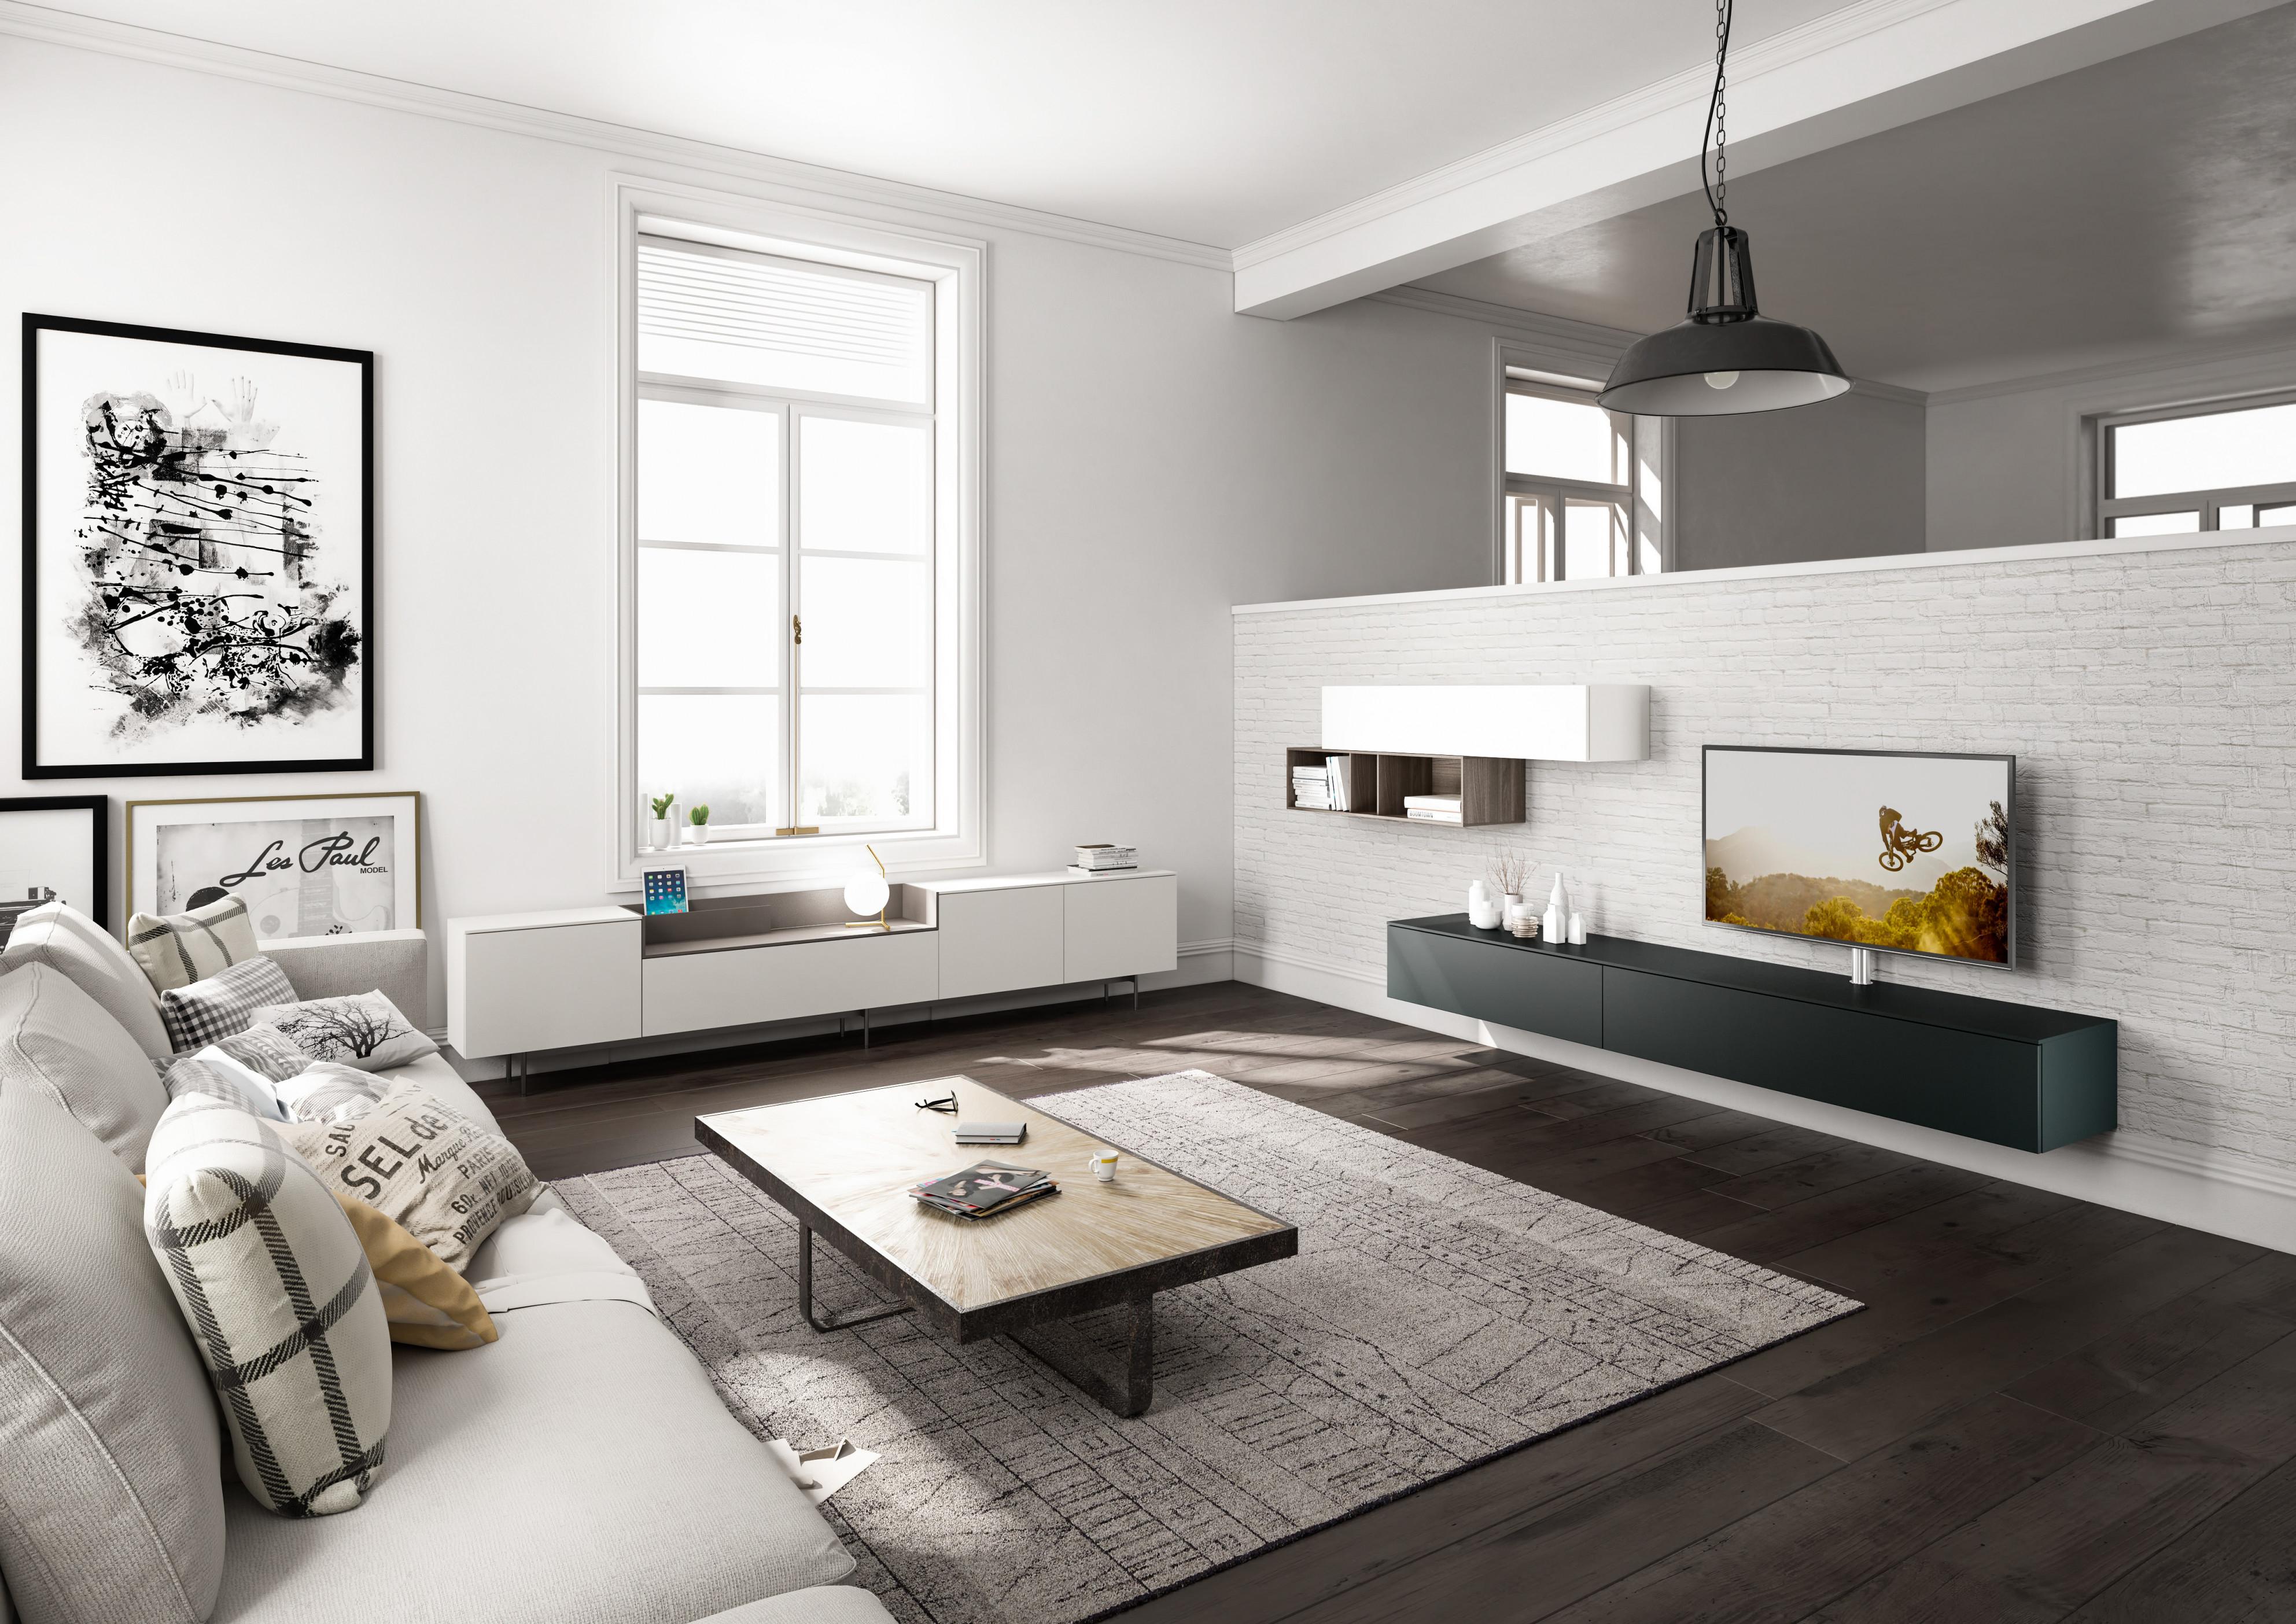 Wohnzimmergestaltung – Die Besten Ideen Tipps  Wohnbeispiele von Wohnzimmer Ideen Einrichtung Photo